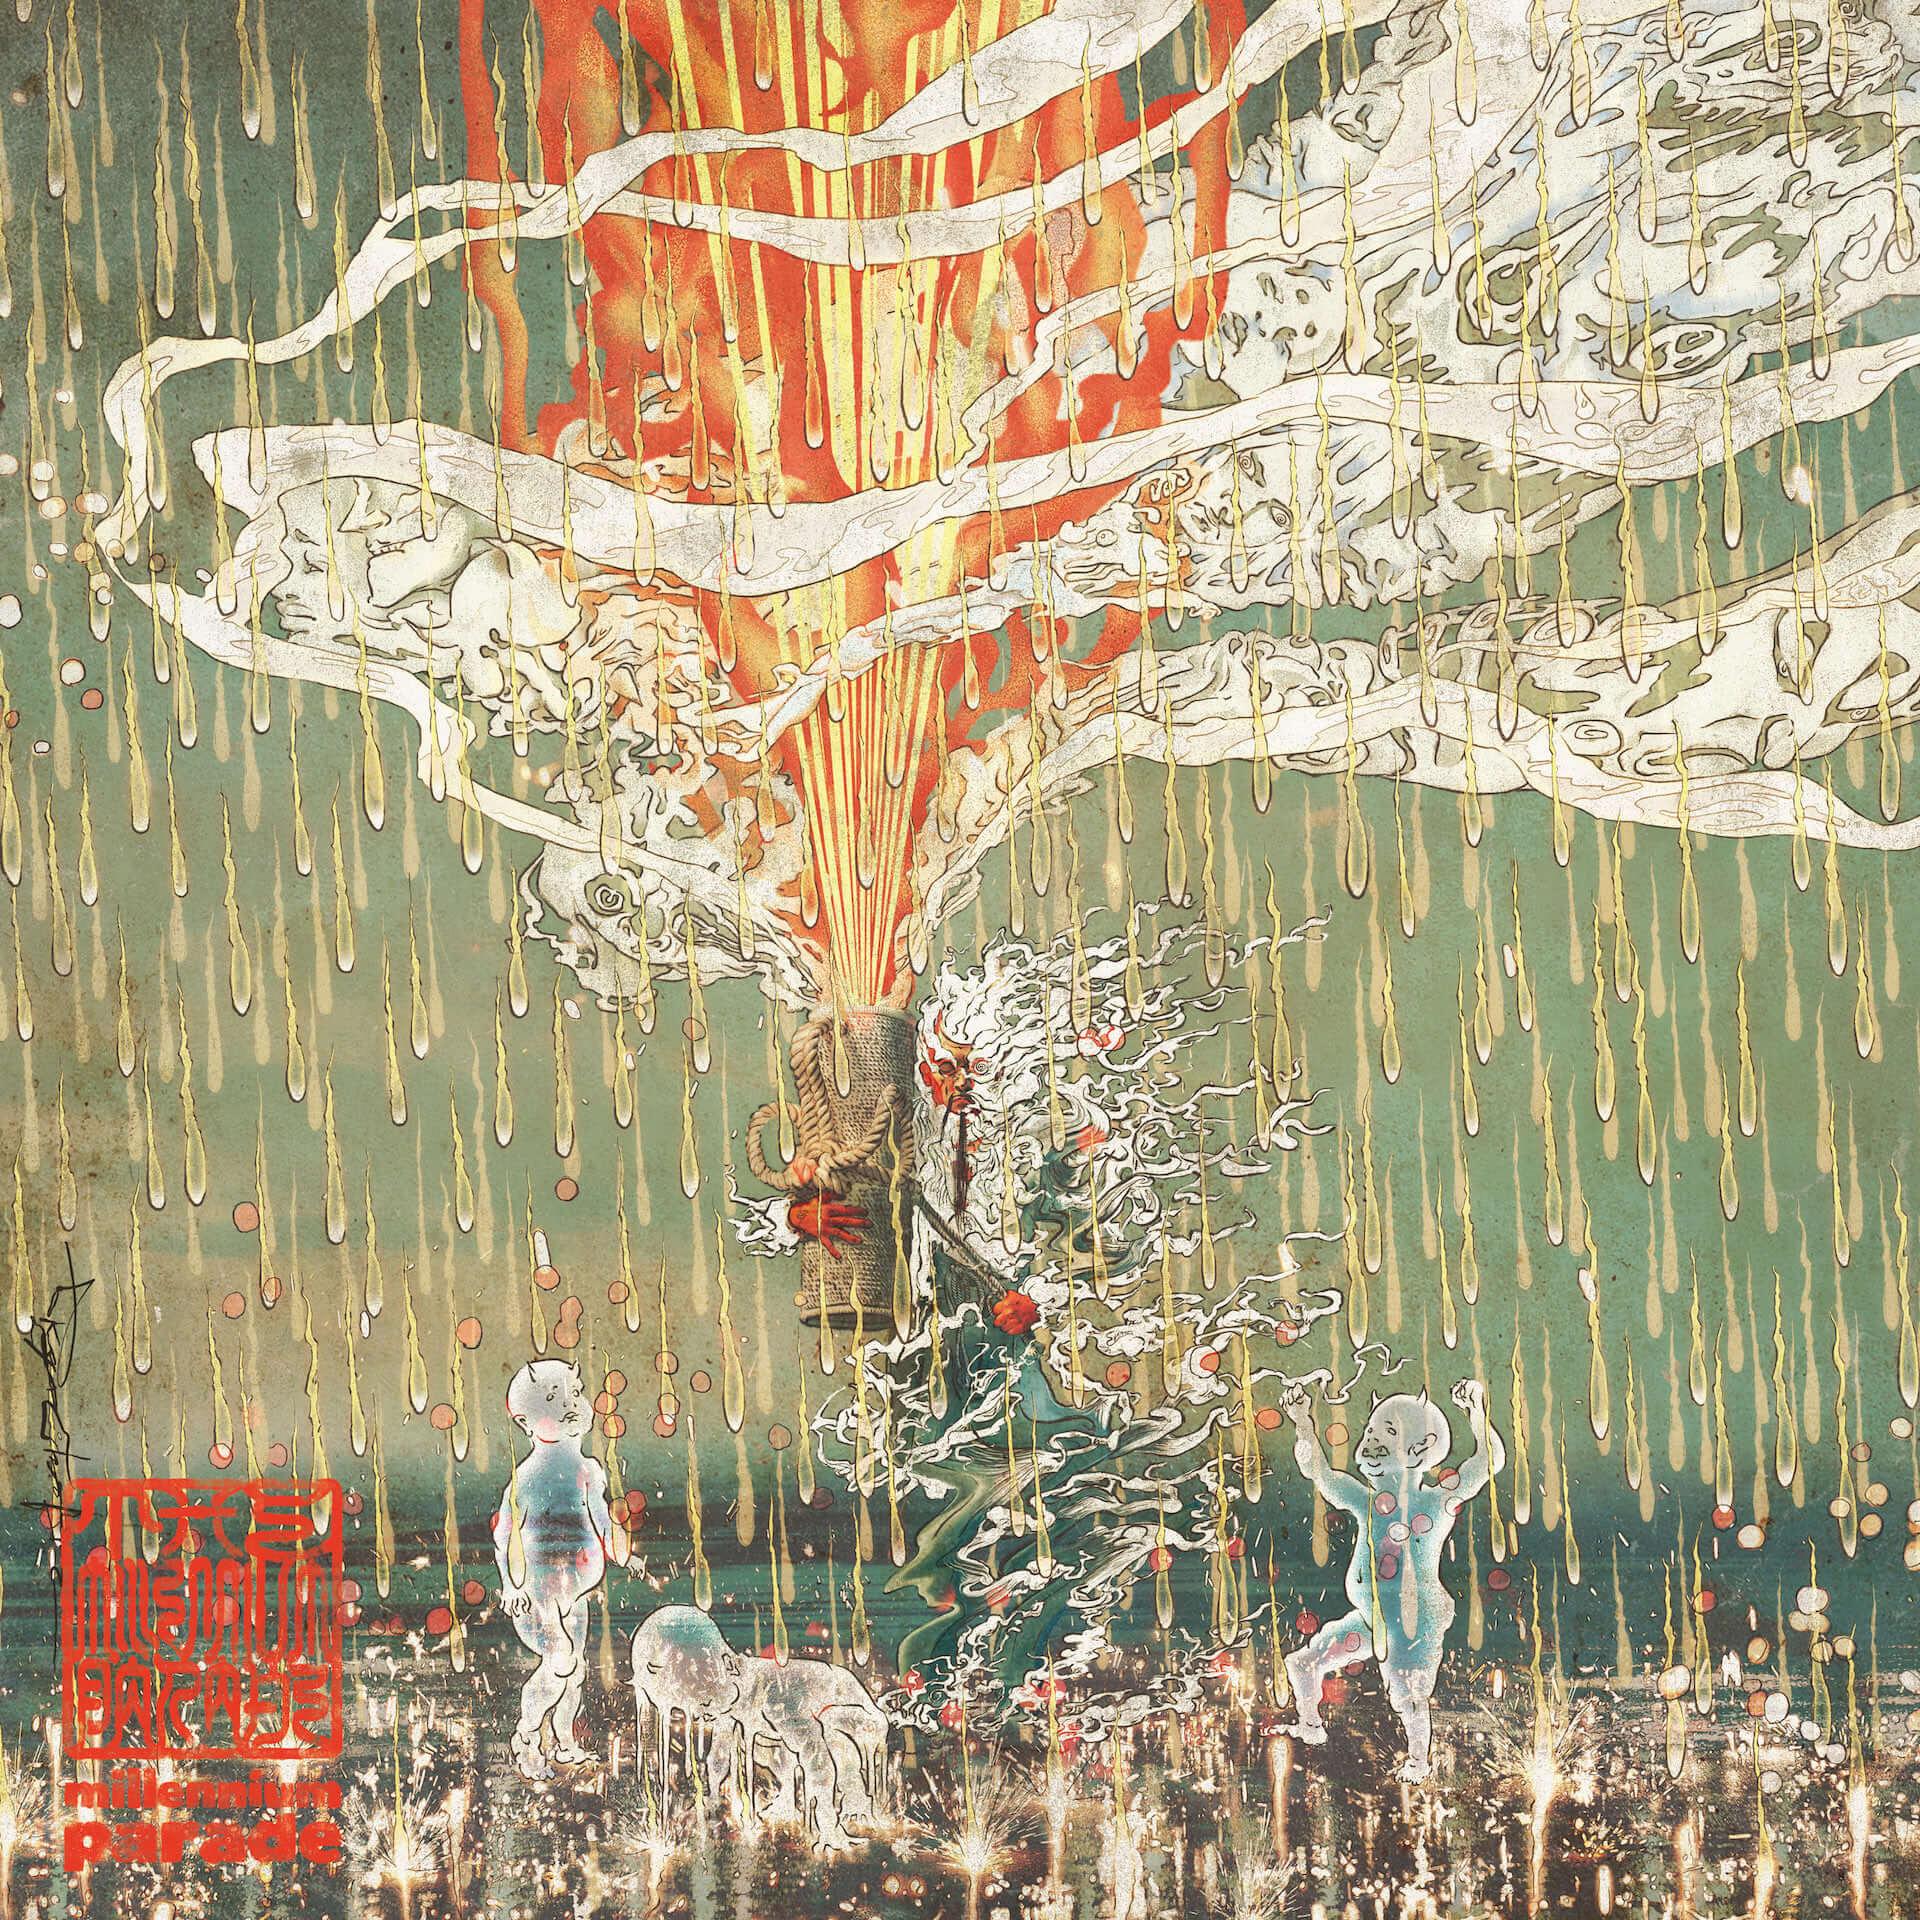 常田大希率いるミレニアム・パレードのファーストアルバム『THE MILLENNIUM PARADE』新アーティスト写真が公開